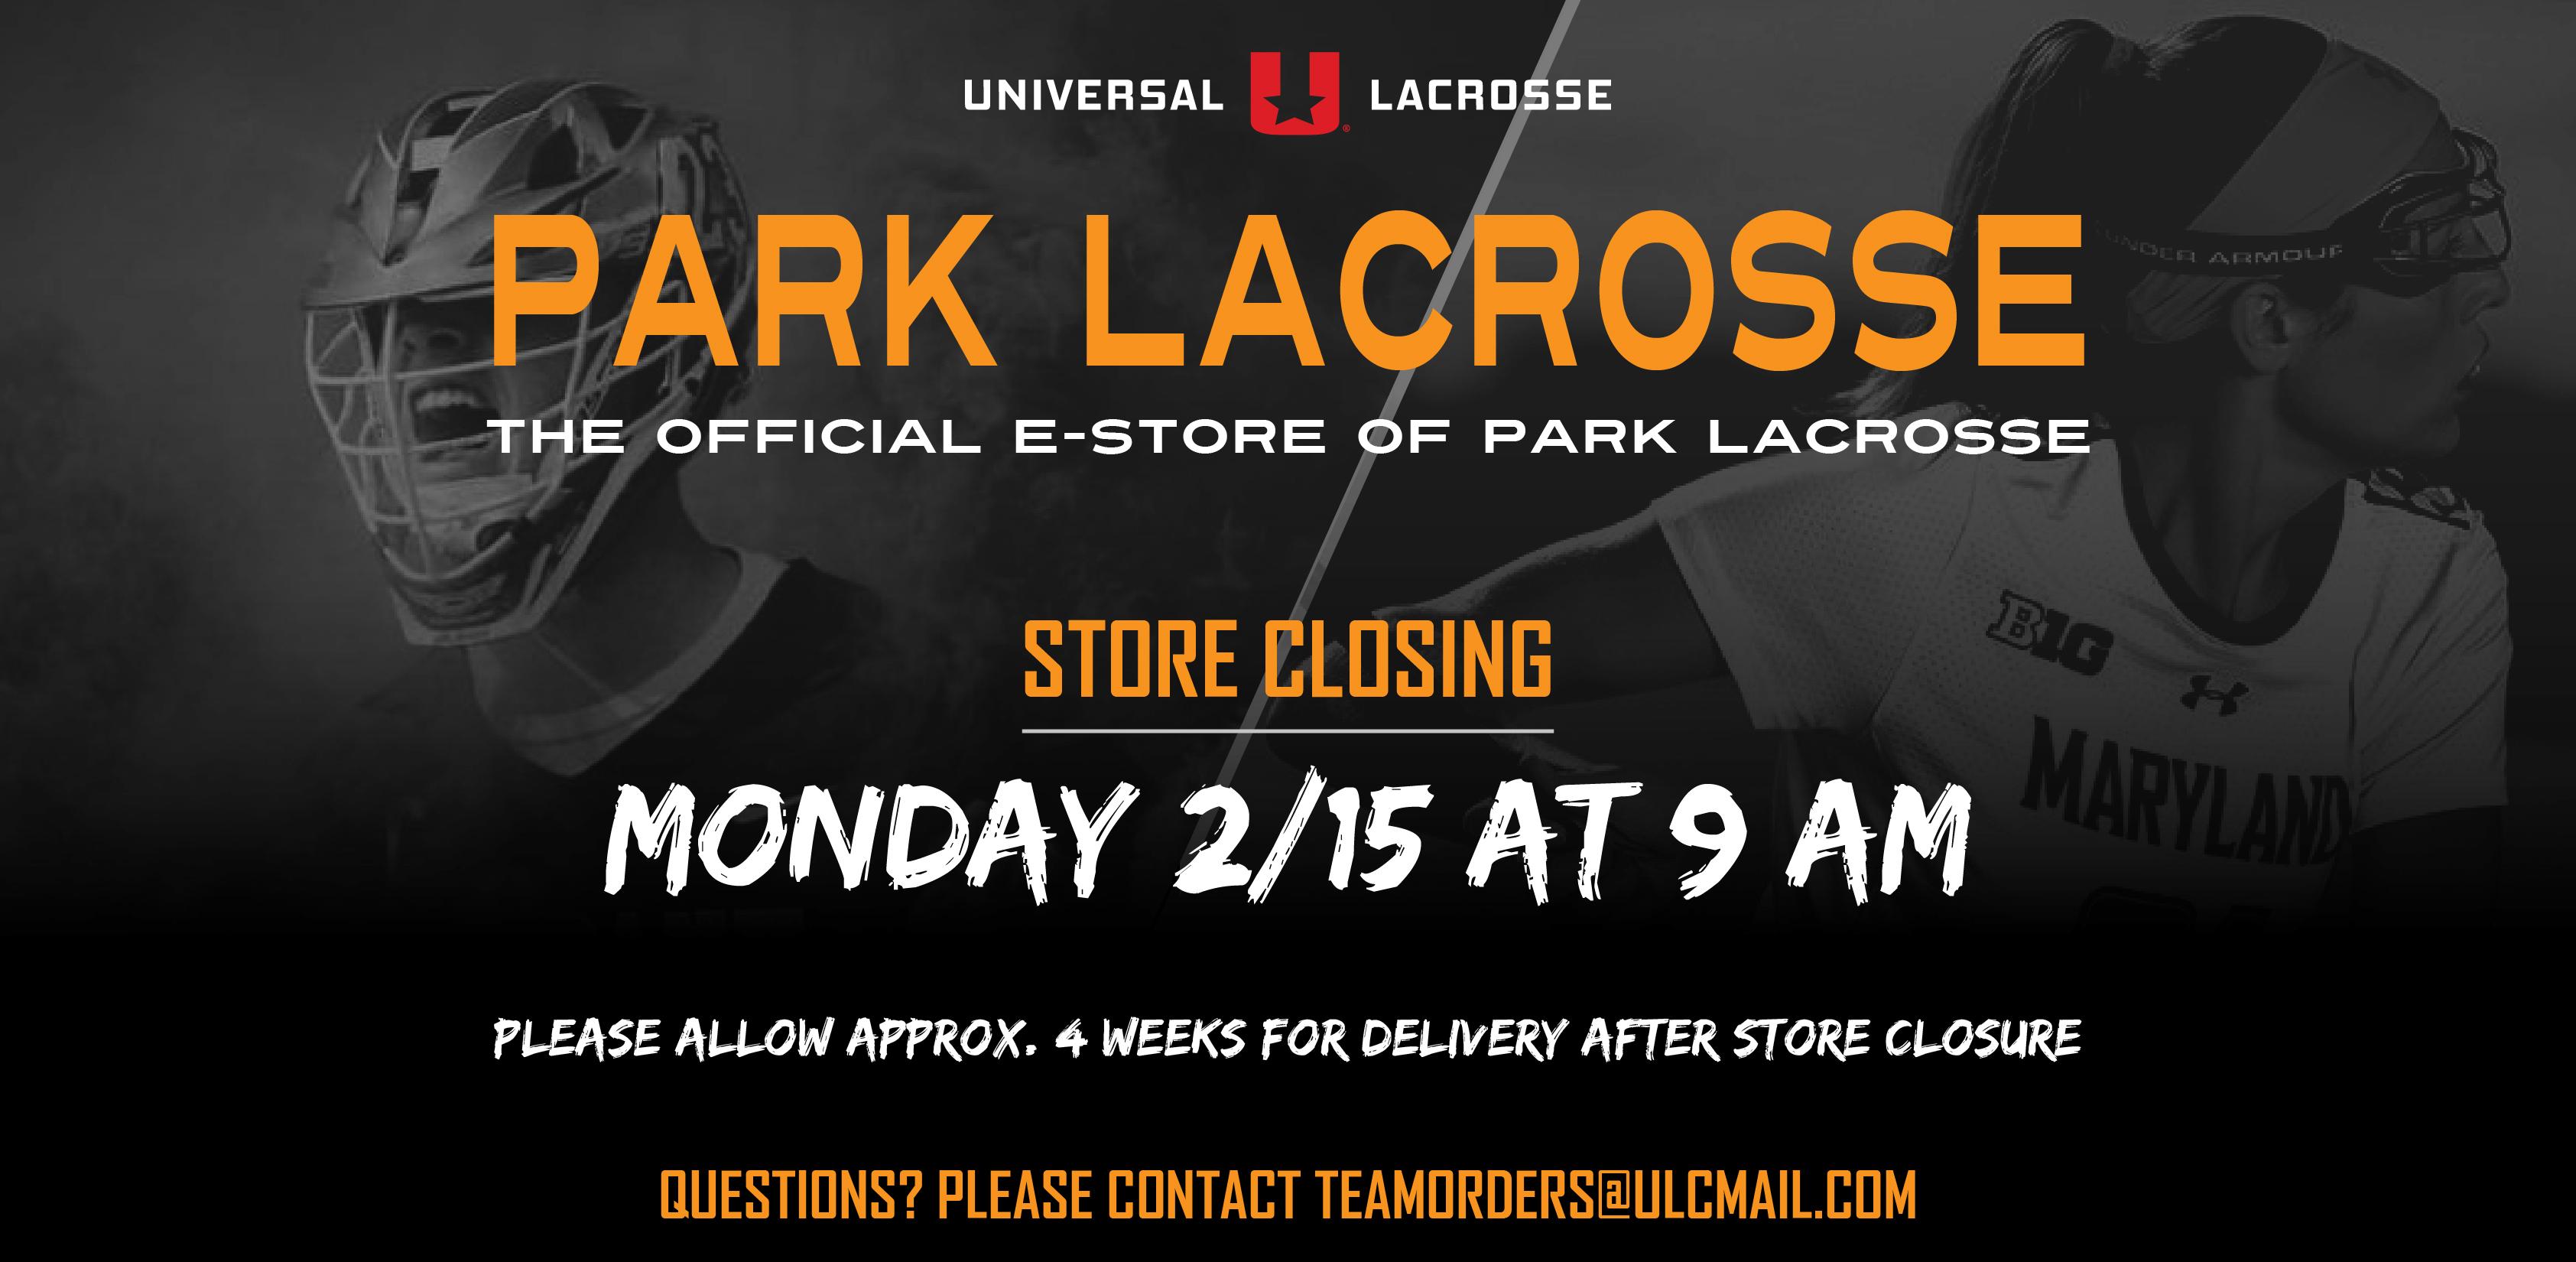 Park Lacrosse